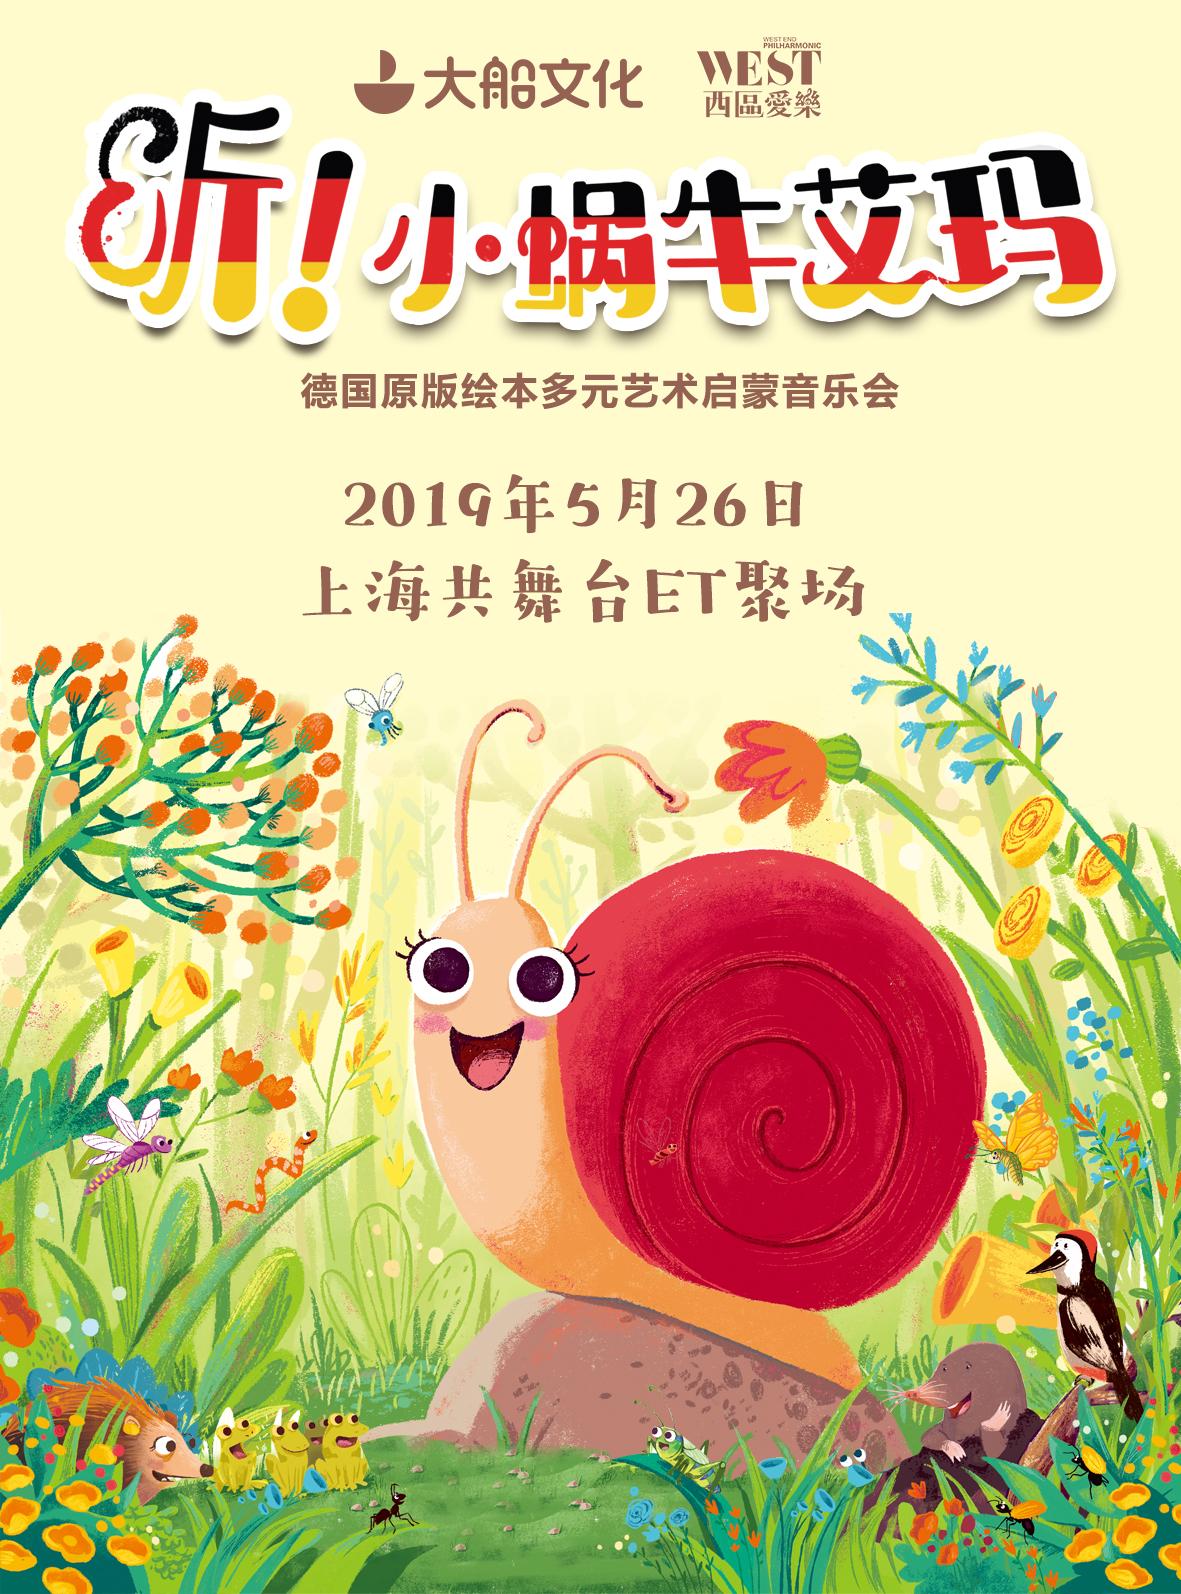 德国原版绘本多元艺术启蒙音乐会《听!小蜗牛艾玛》上海站